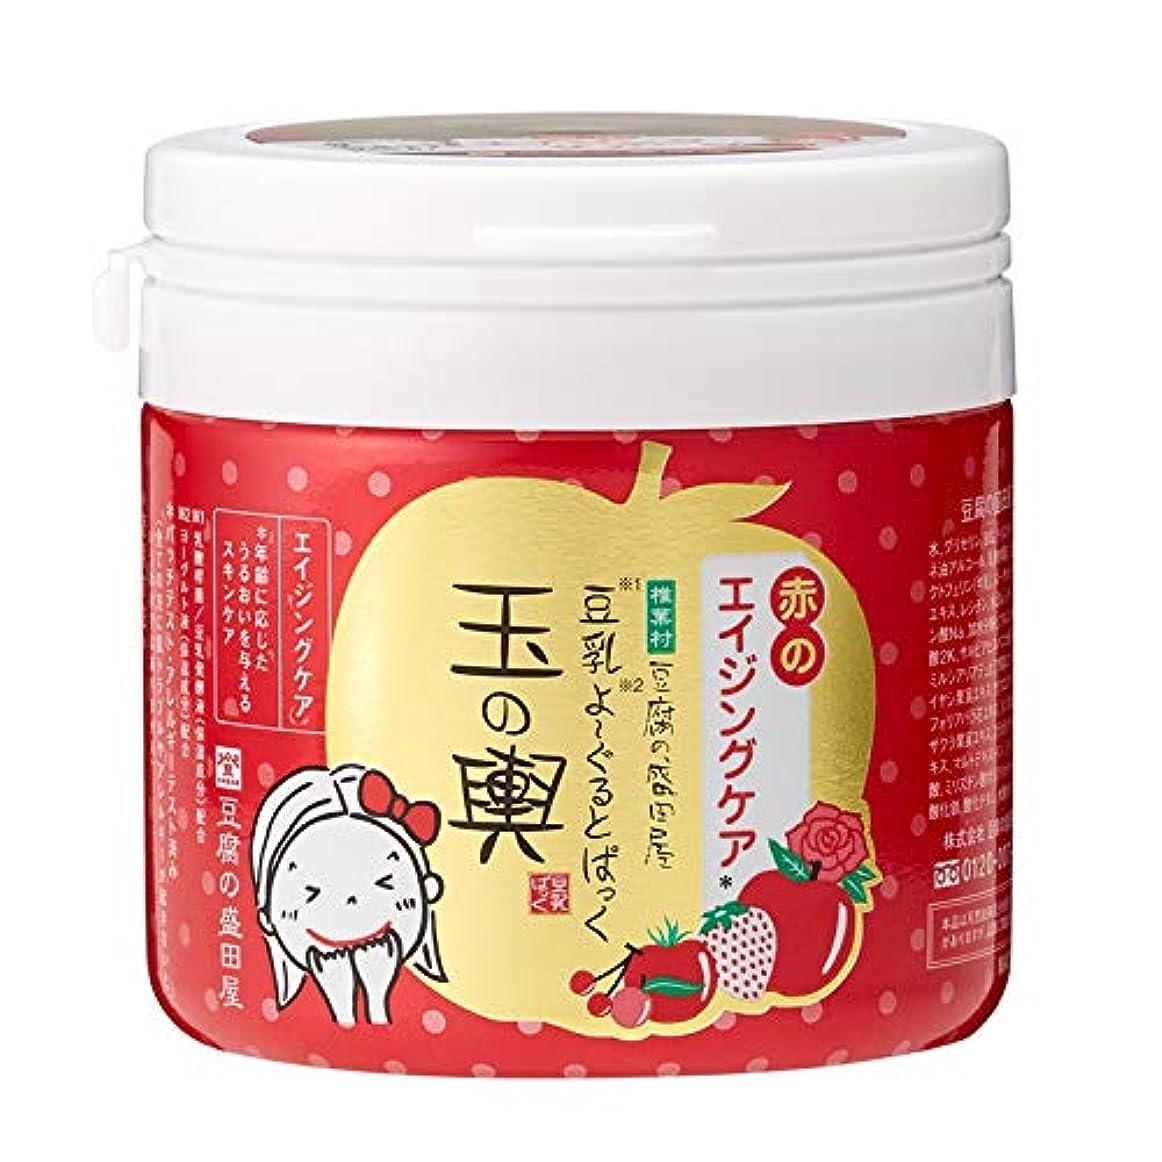 礼儀ベイビー緯度豆腐の盛田屋 豆乳よーぐるとぱっく 玉の輿 赤のエイジングケア 150g